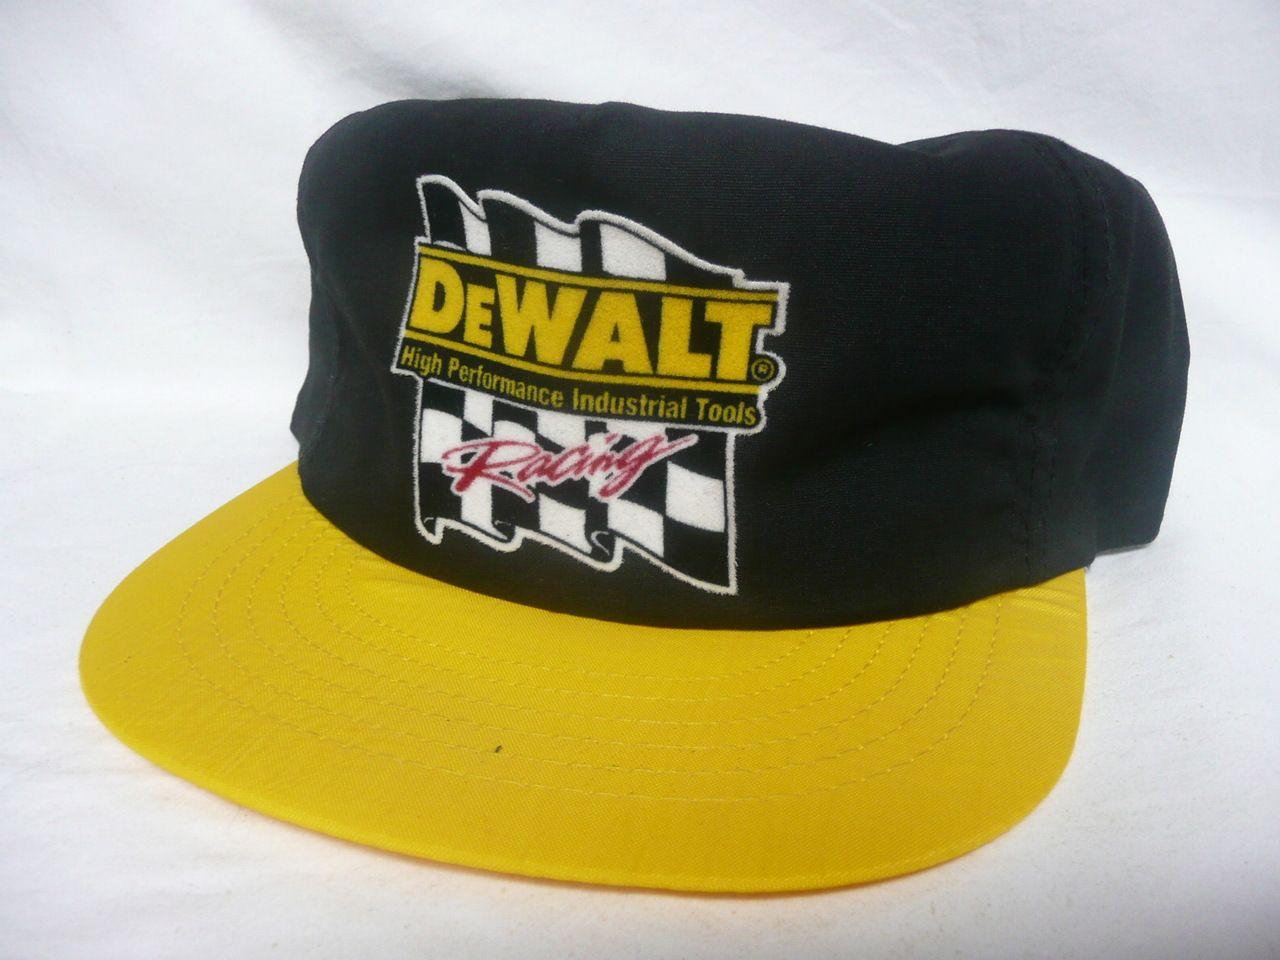 Nascar Dewalt racing Bobby Dotter  08 cotton trucker hat black - Vintage  Snap Back Hats cd5a7388228c